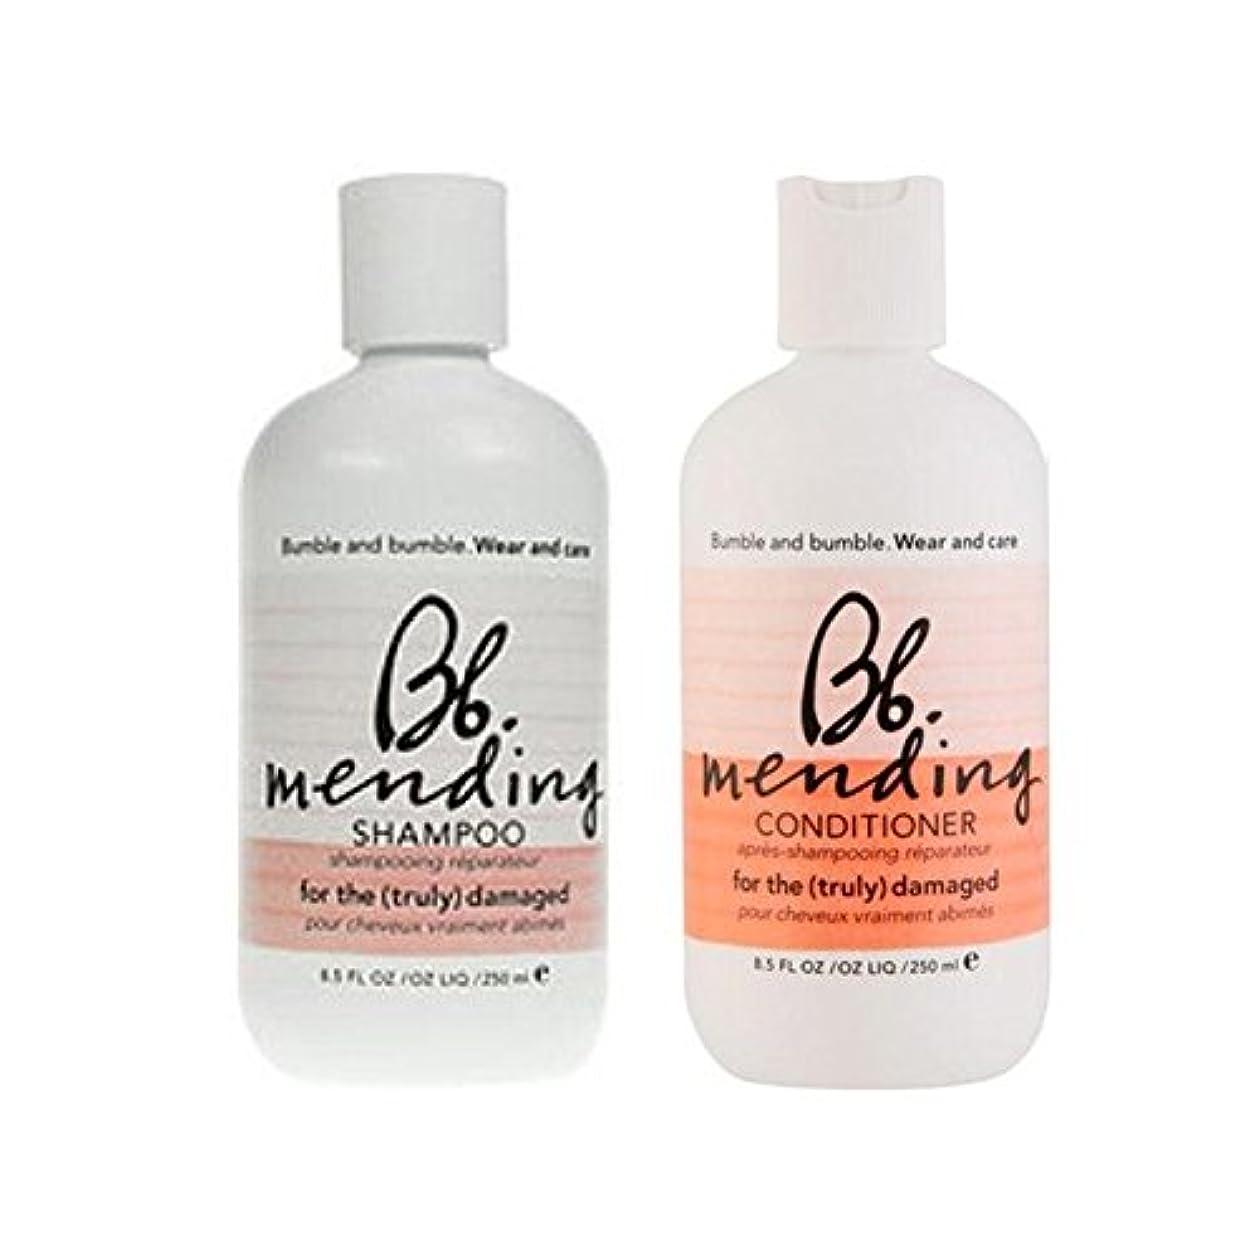 ヘッドレス木曜日欠伸着用し、-シャンプーとコンディショナーを補修ケア x4 - Bb Wear And Care Mending Duo- Shampoo And Conditioner (Pack of 4) [並行輸入品]